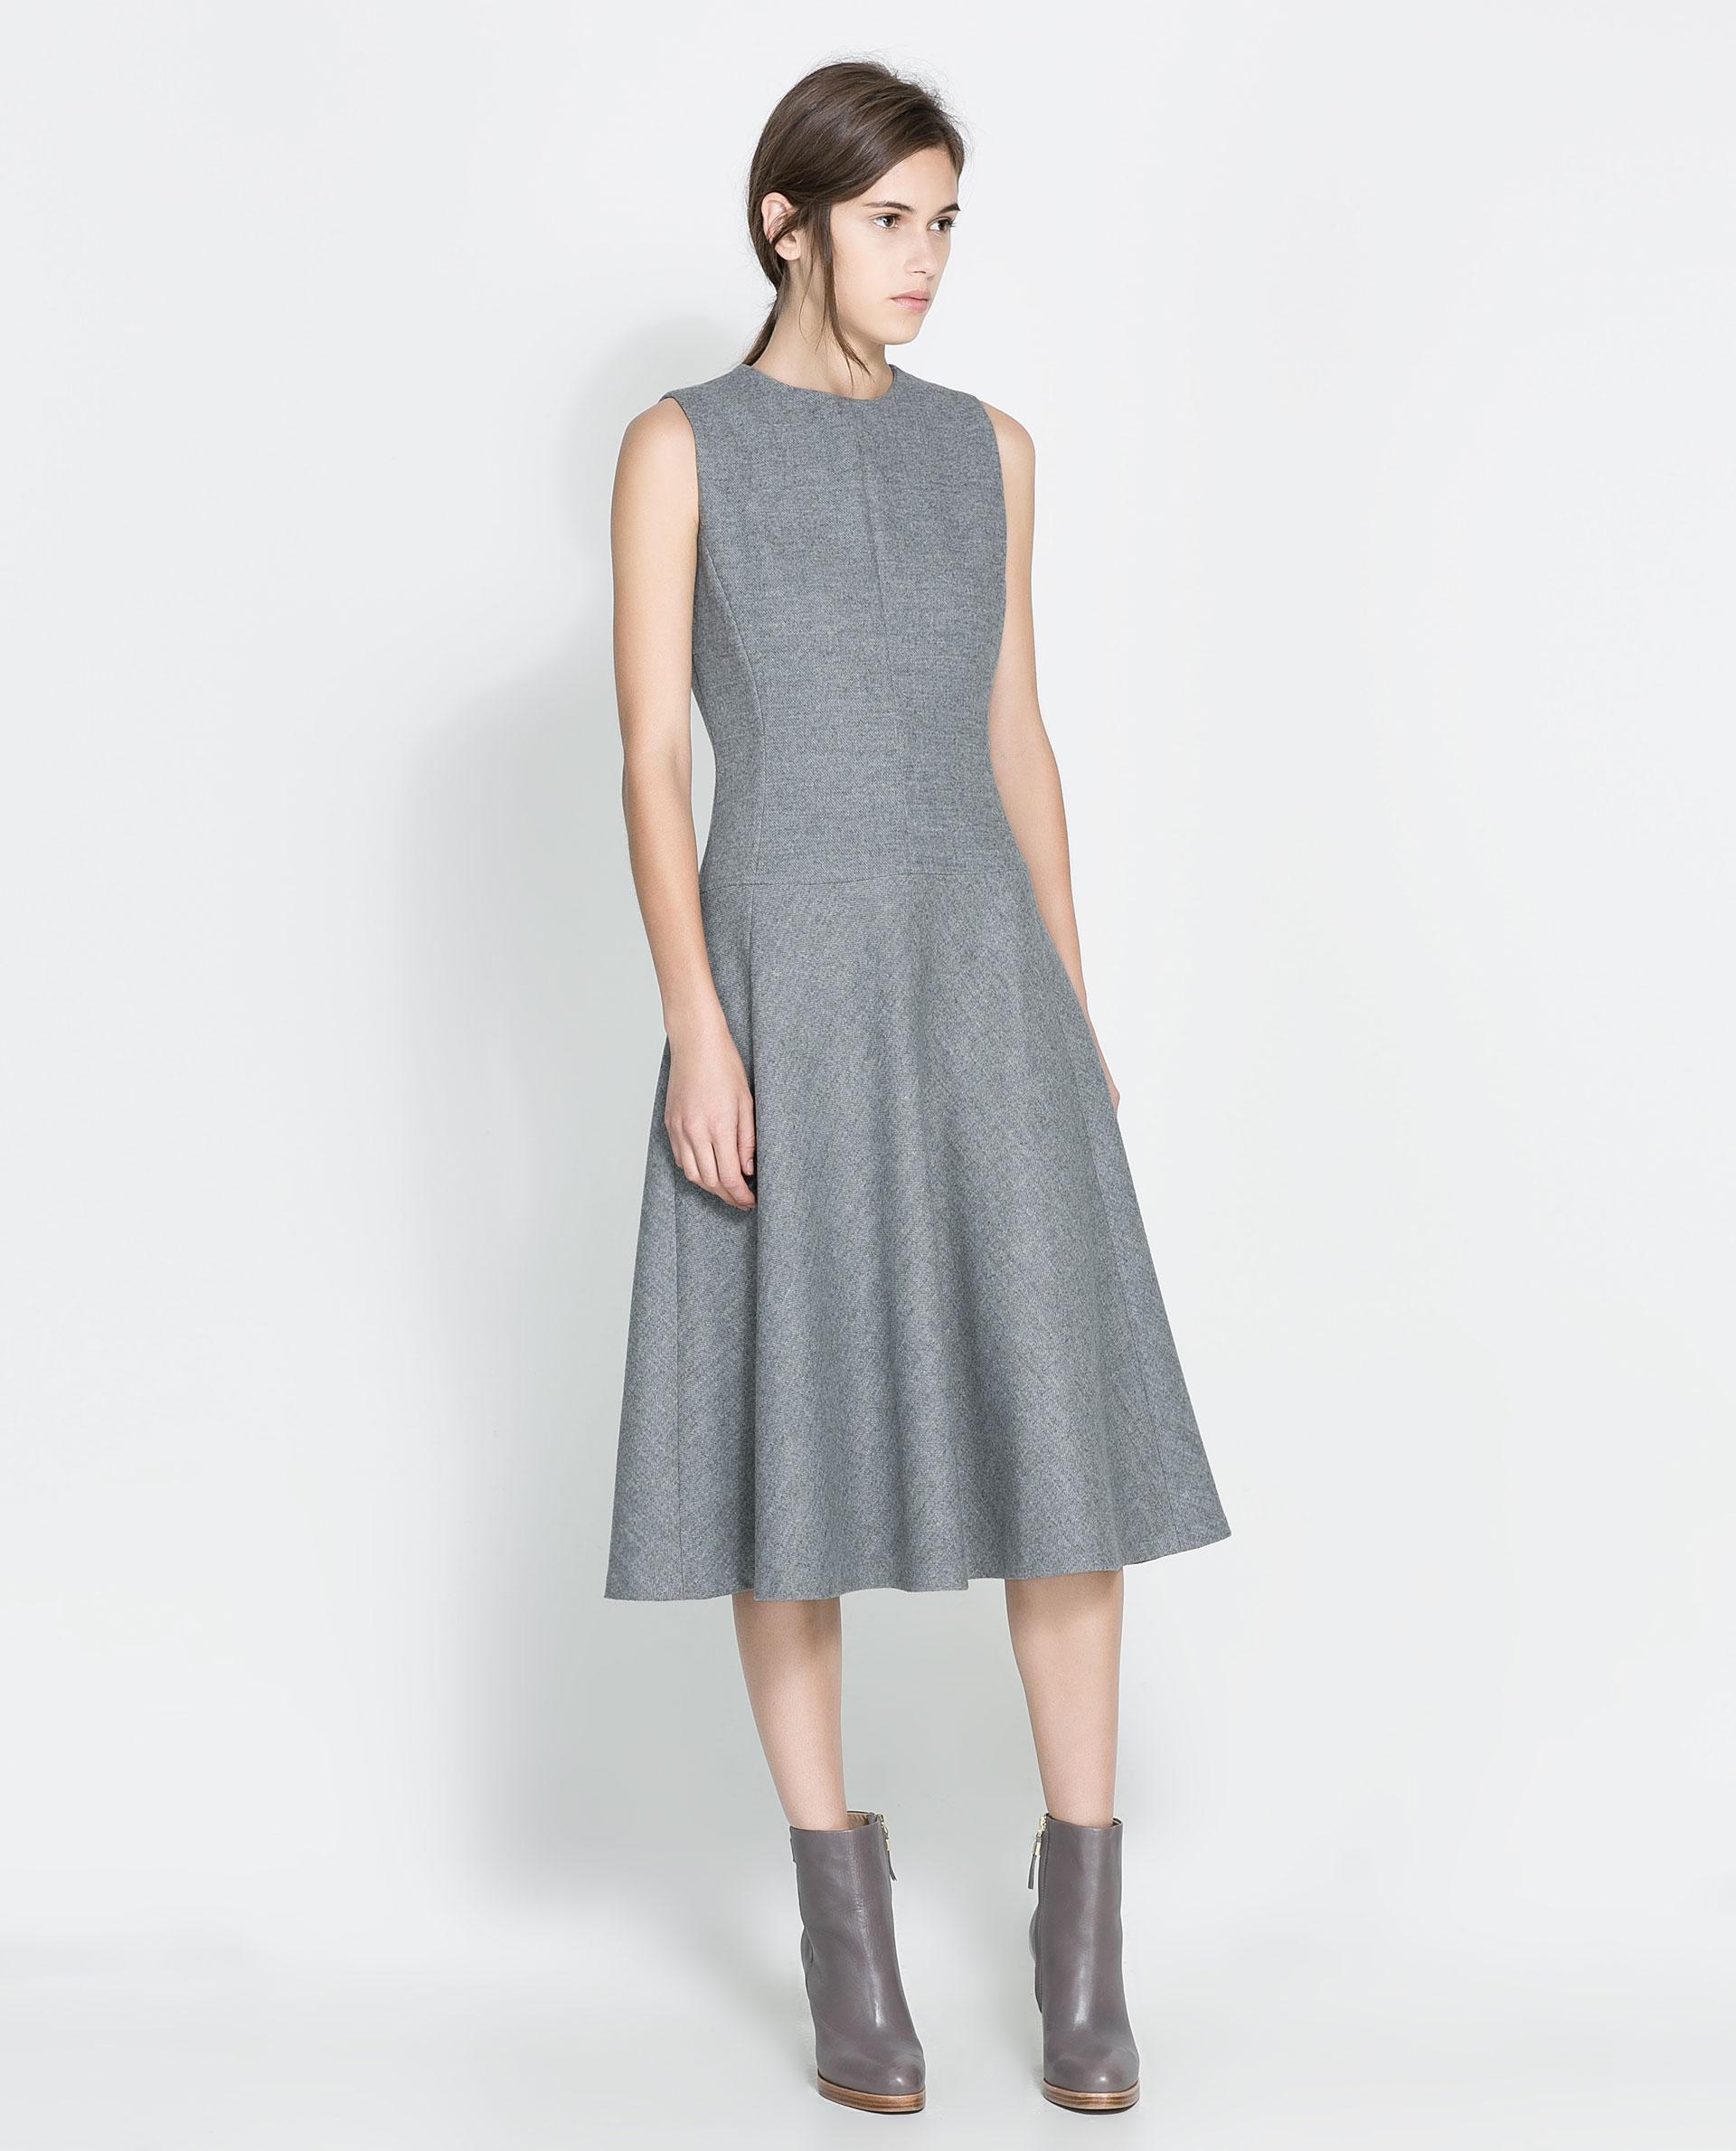 Grey Dress: Zara Woollen Dress In Gray